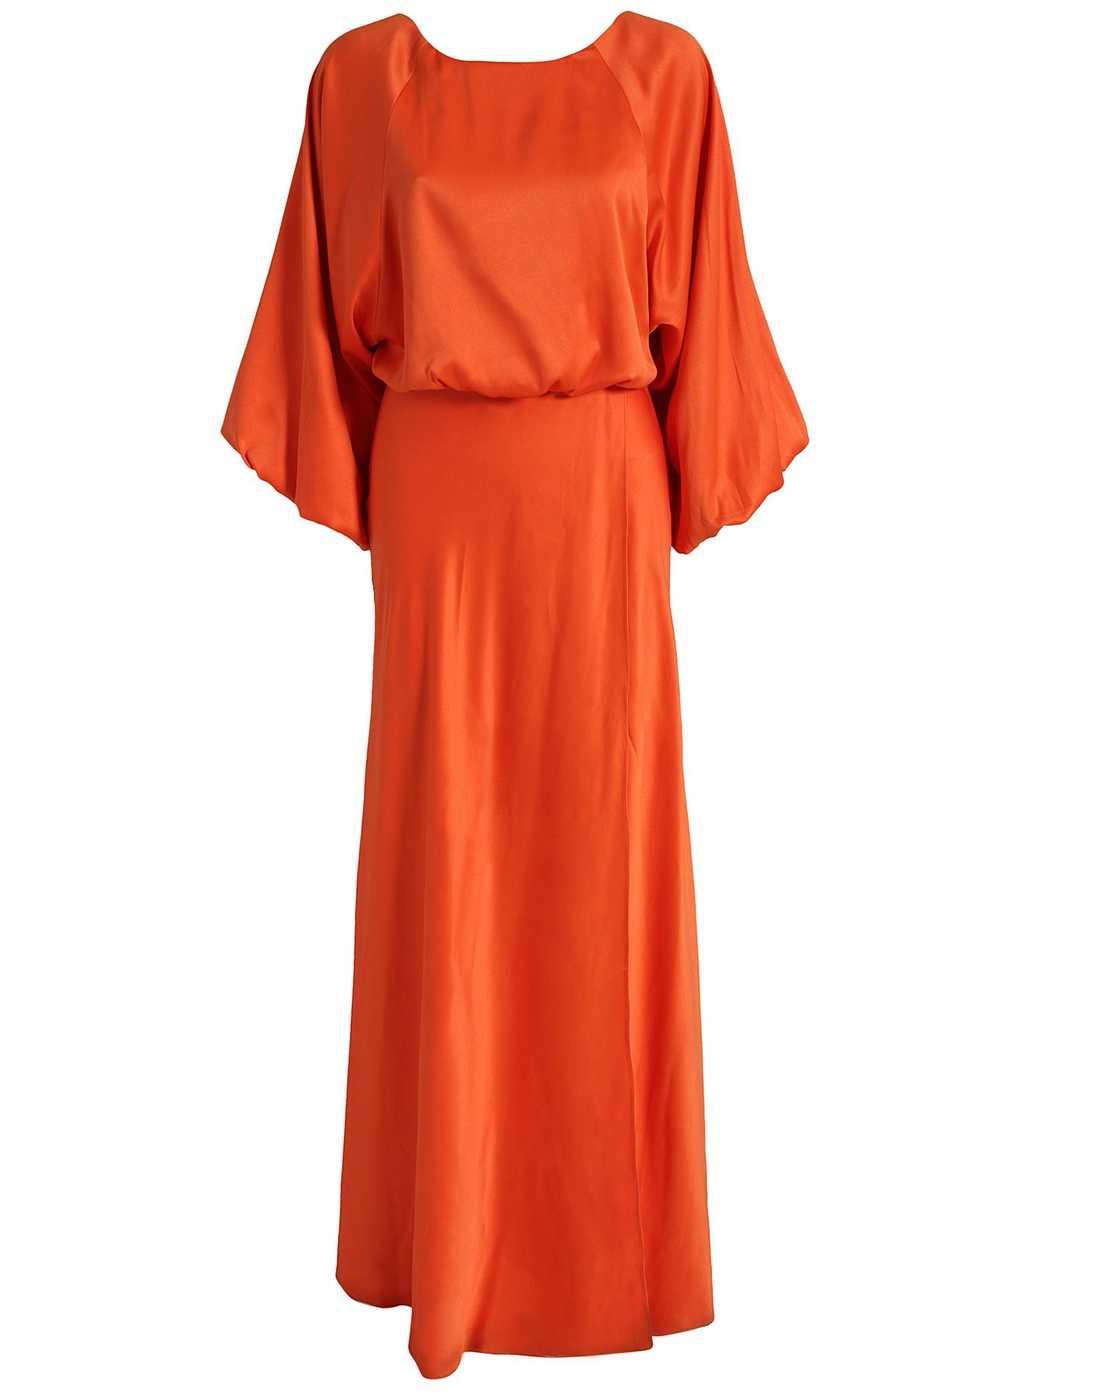 Ljuvlig långklänning, 599 kronor, Nelly.com